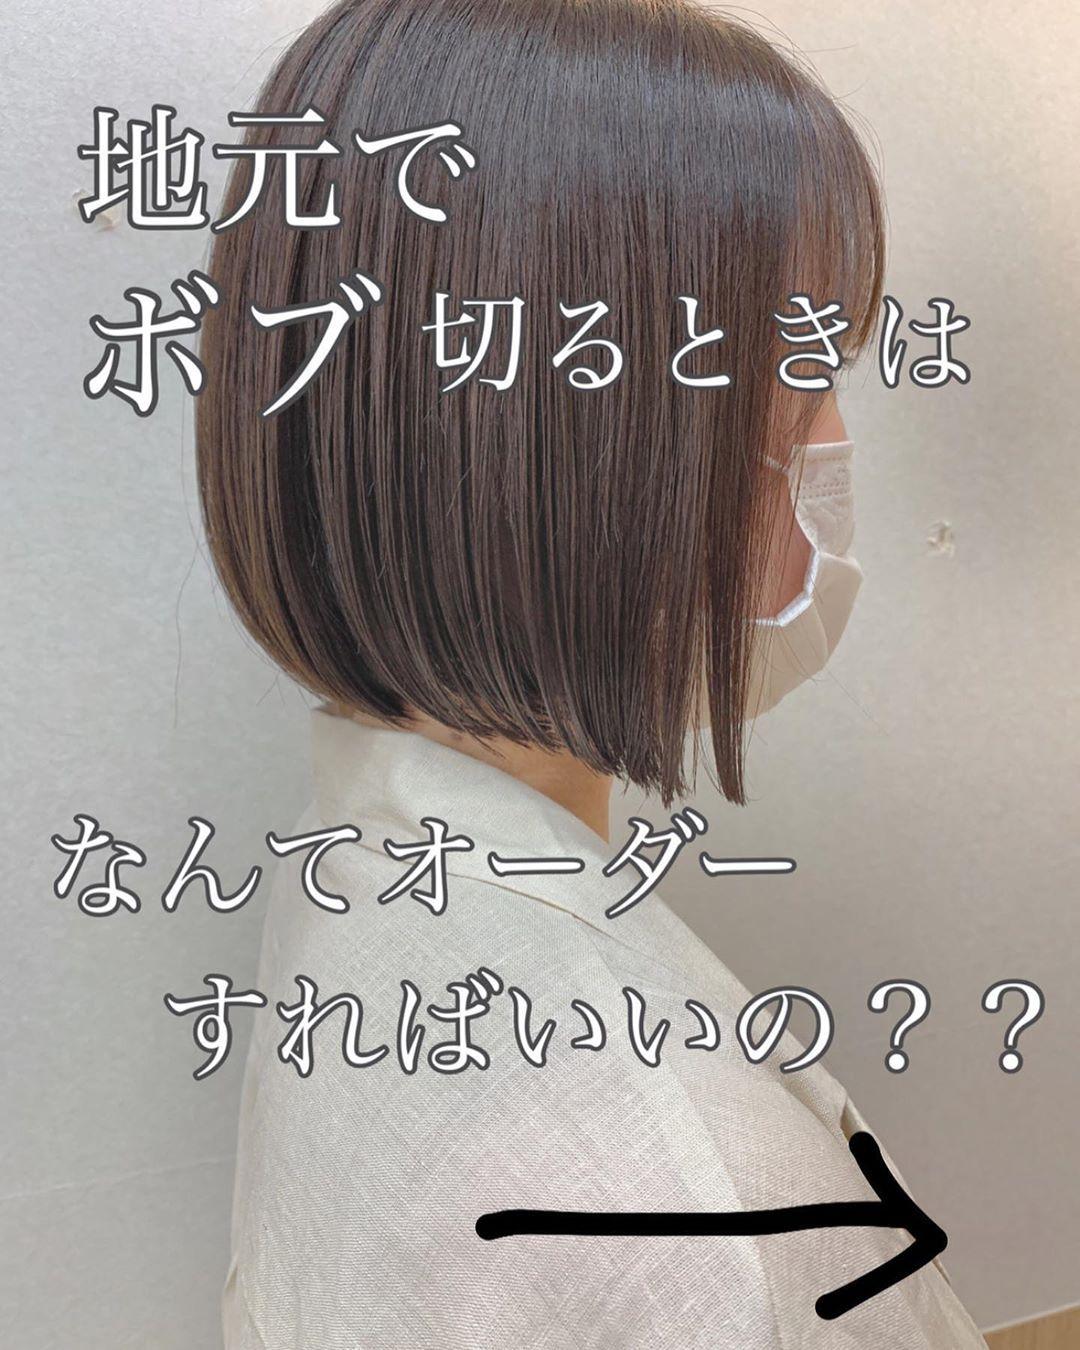 髪型 おしゃれまとめの人気アイデア Pinterest Tumiki ボブ アレンジ ヘアアレンジ ヘアスタイル